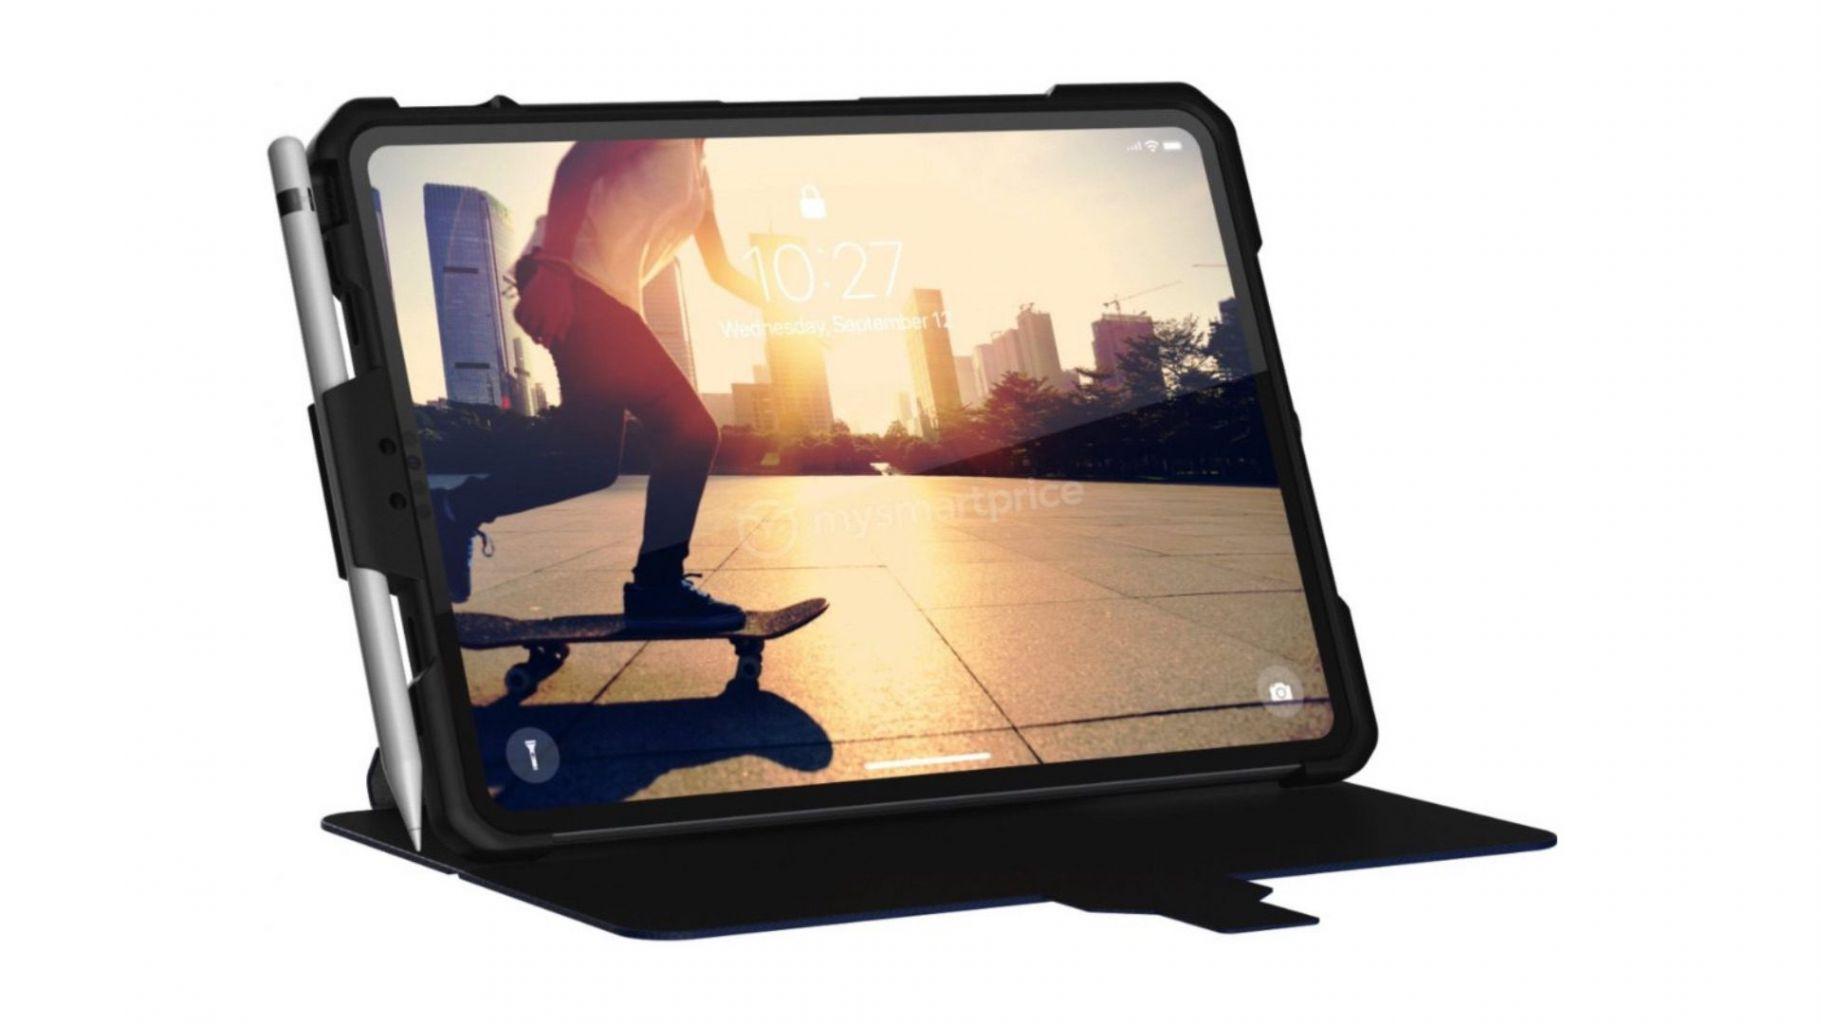 新款iPad Pro 是否会跟传闻一样在本月登场呢?